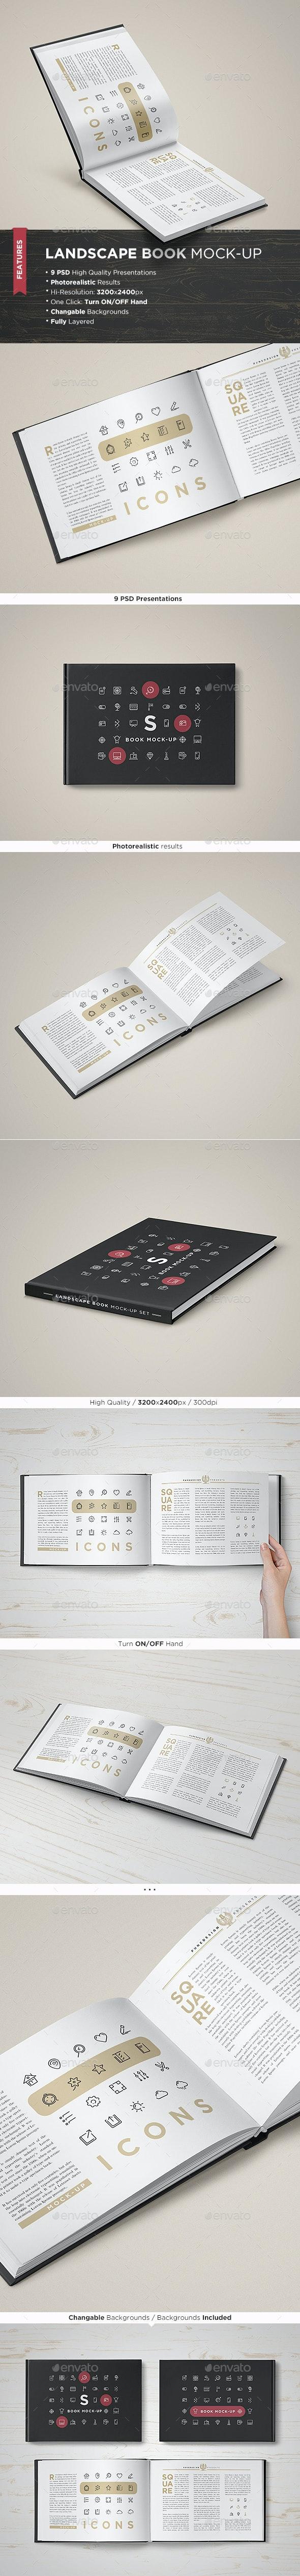 Landscape Book Mock-Up Set - Books Print